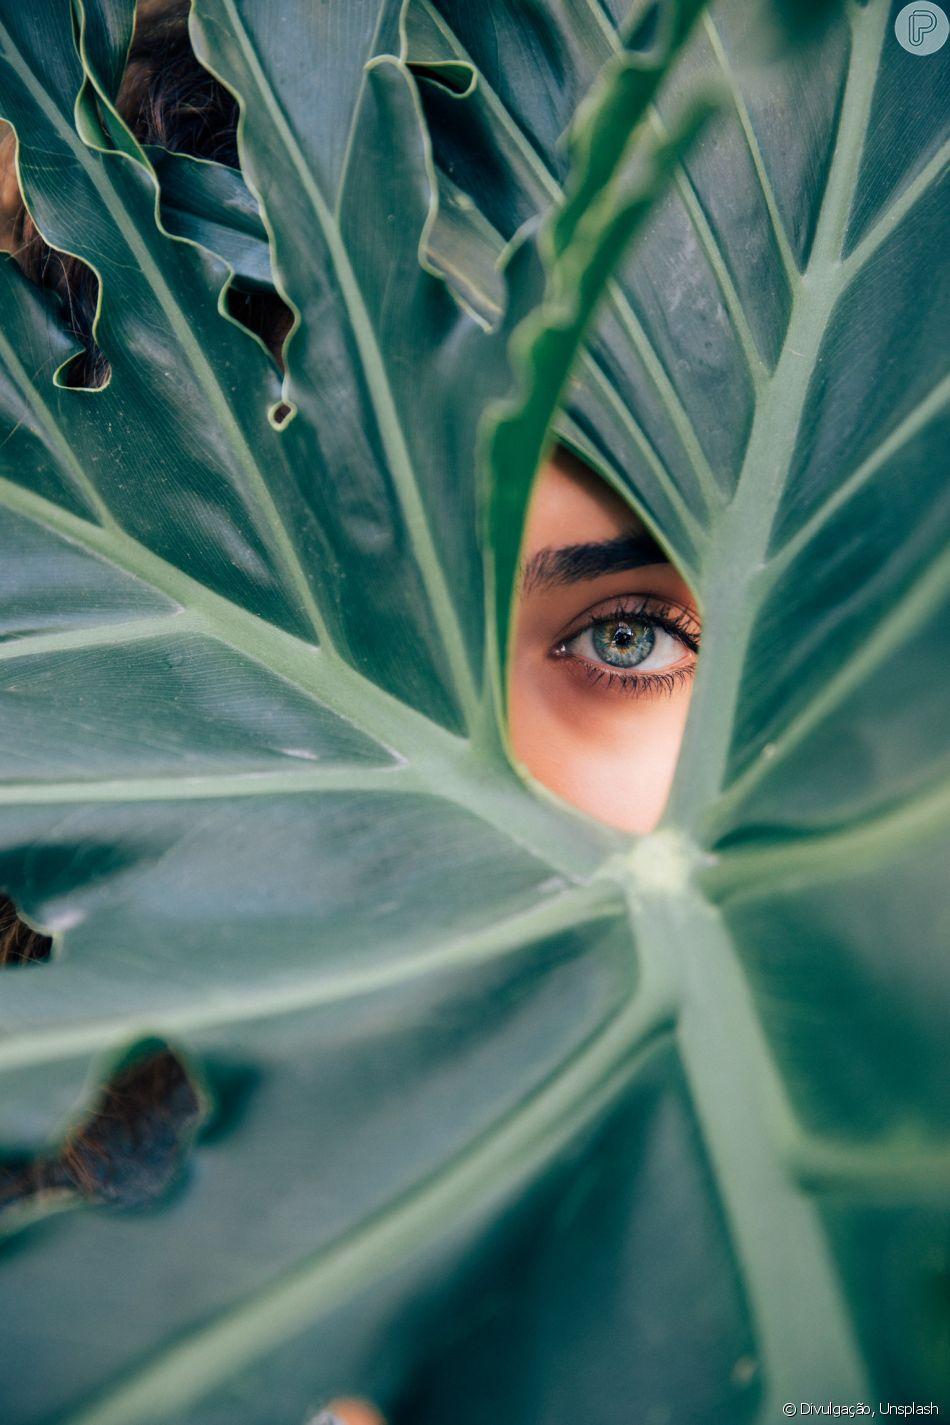 Várias marcas já possuem cosméticos com ativos naturais para uma beleza mais sustentável